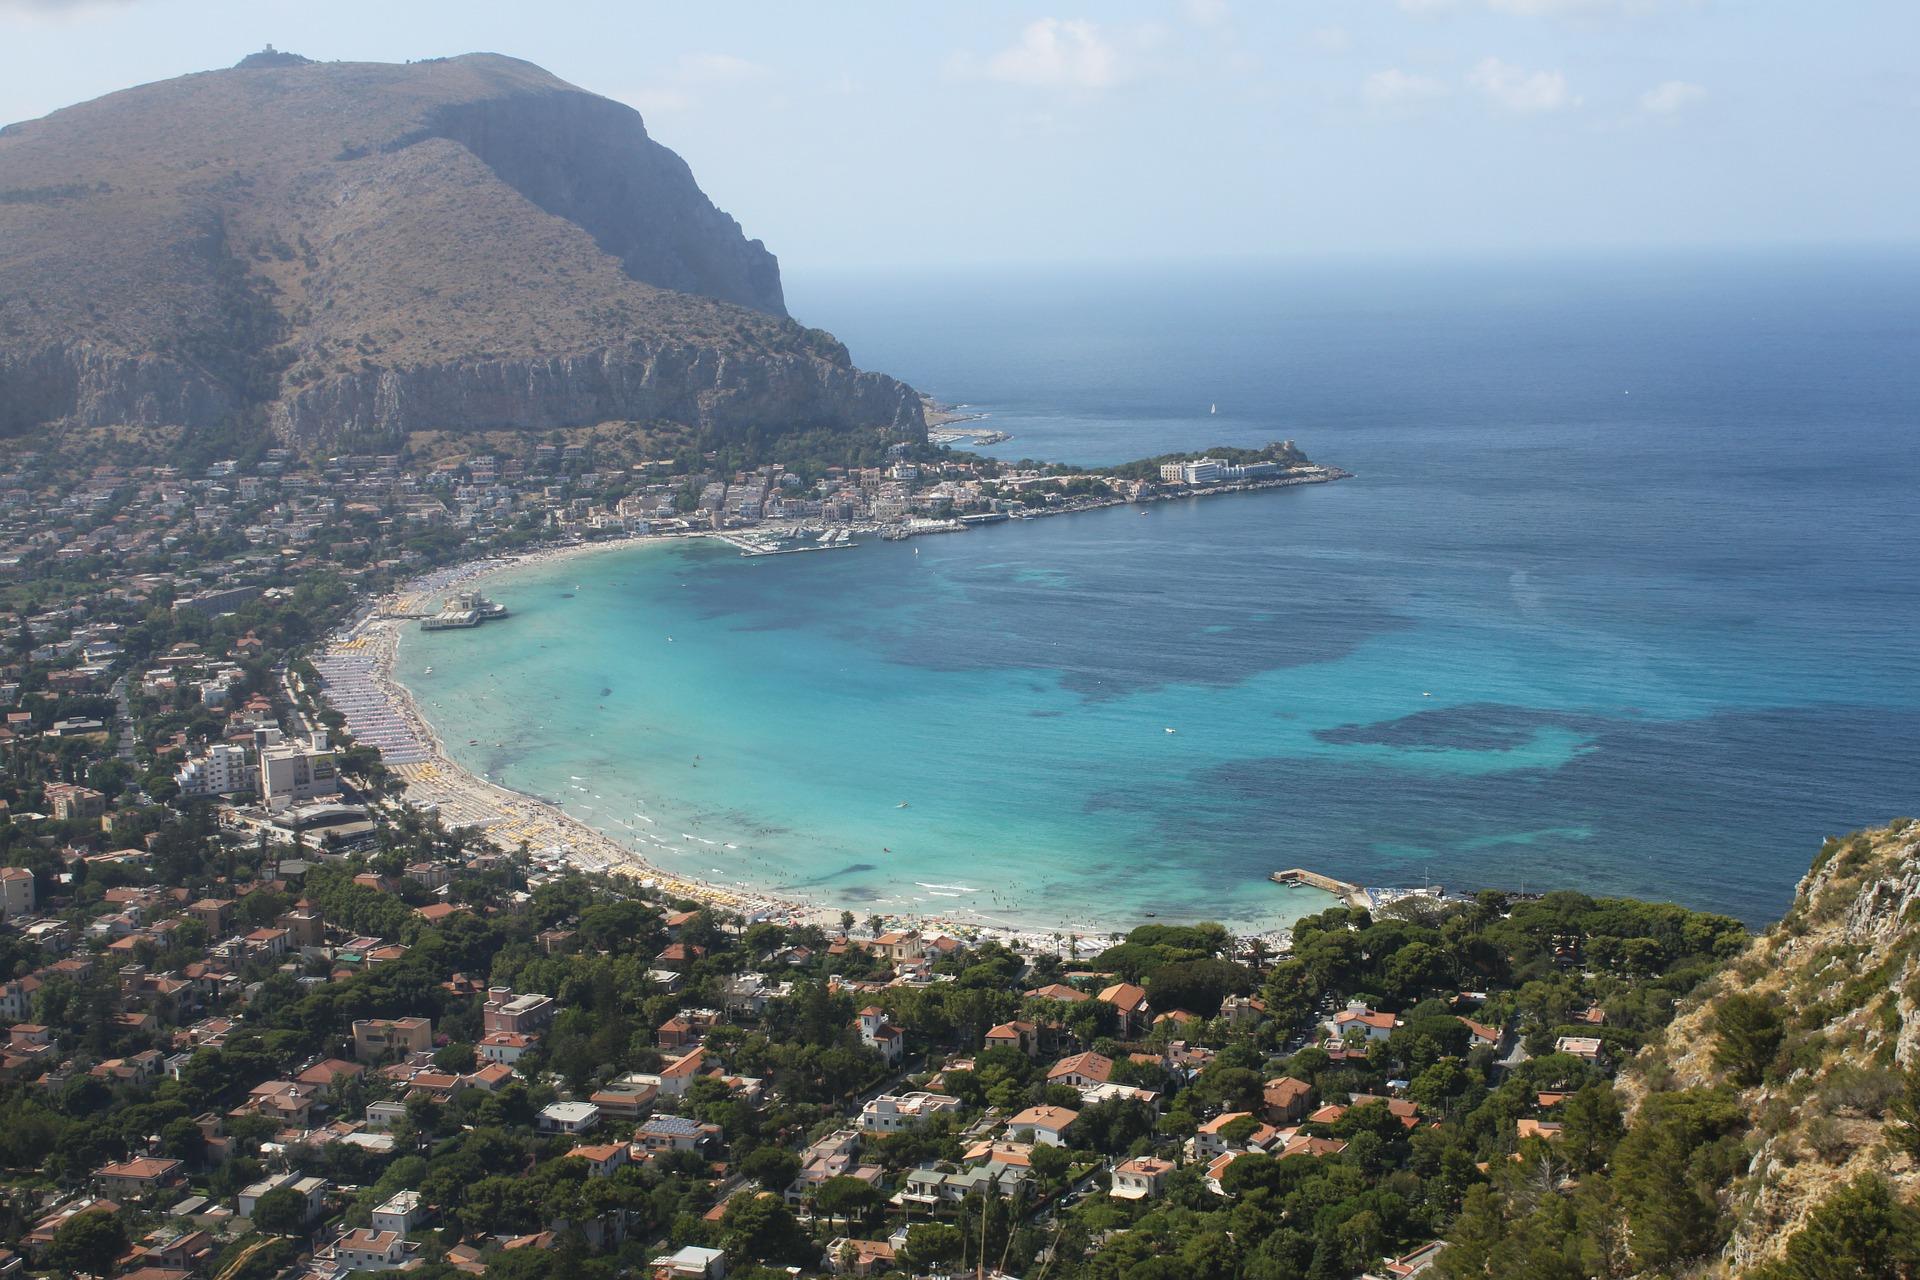 Weiße Sandstrände erwarten euch bei einem Sizilien Urlaub mit glasklarem Wasser